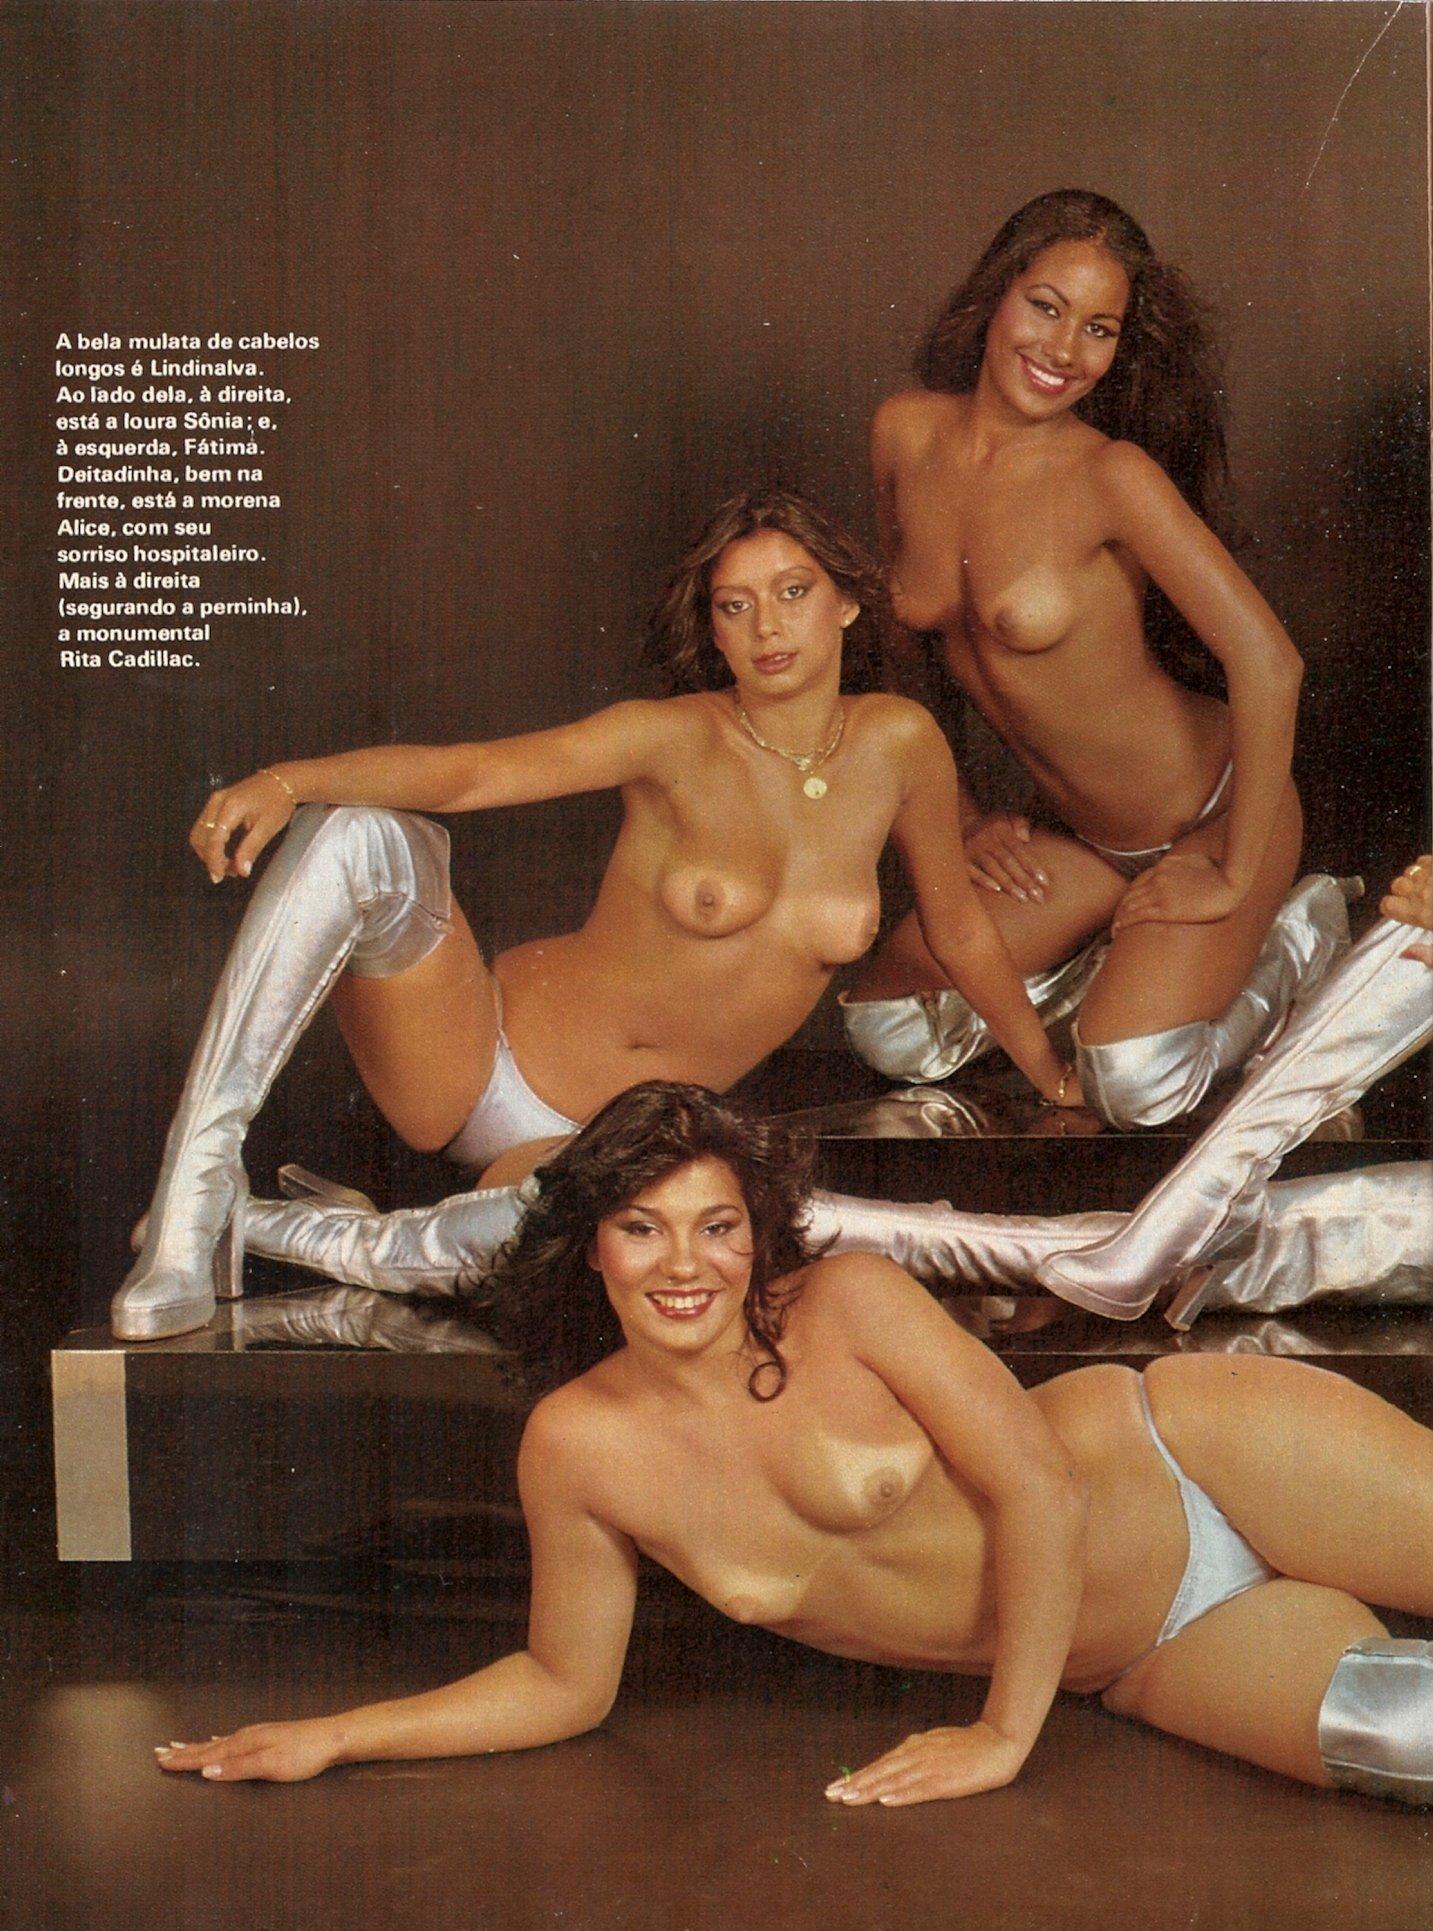 Playboy Dezembro de 1978t